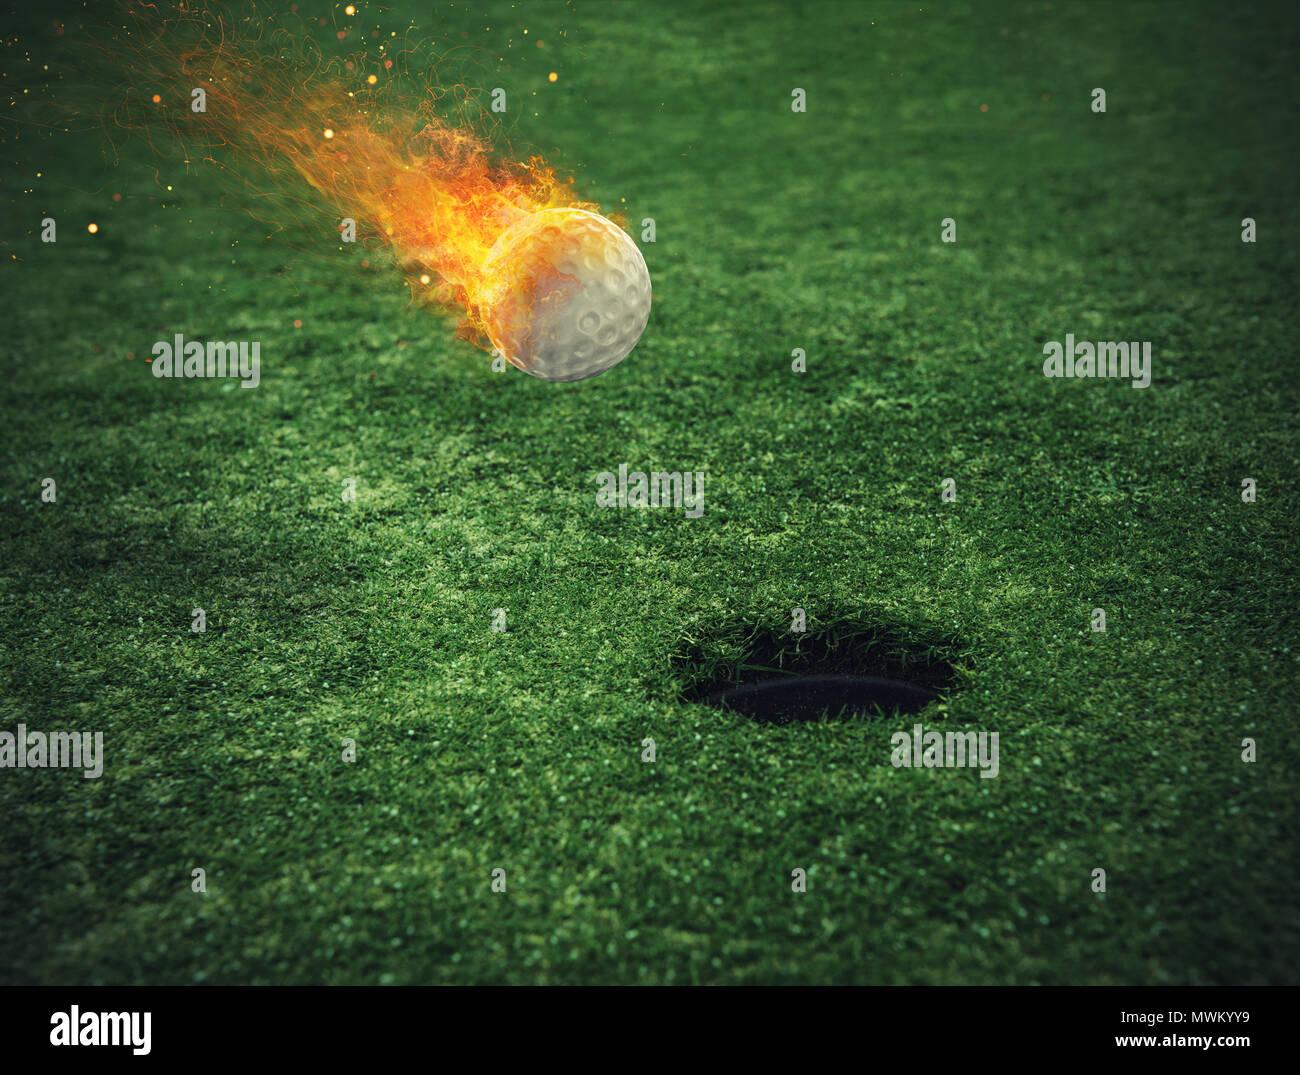 Fiery pallina da golf vicino al foro in un campo di erba Immagini Stock